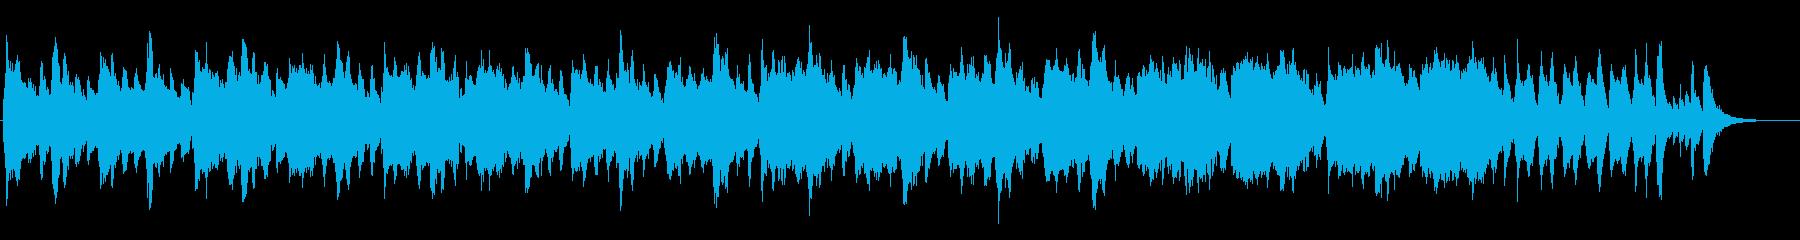 小編成オーケストラのハロウィンBGMの再生済みの波形